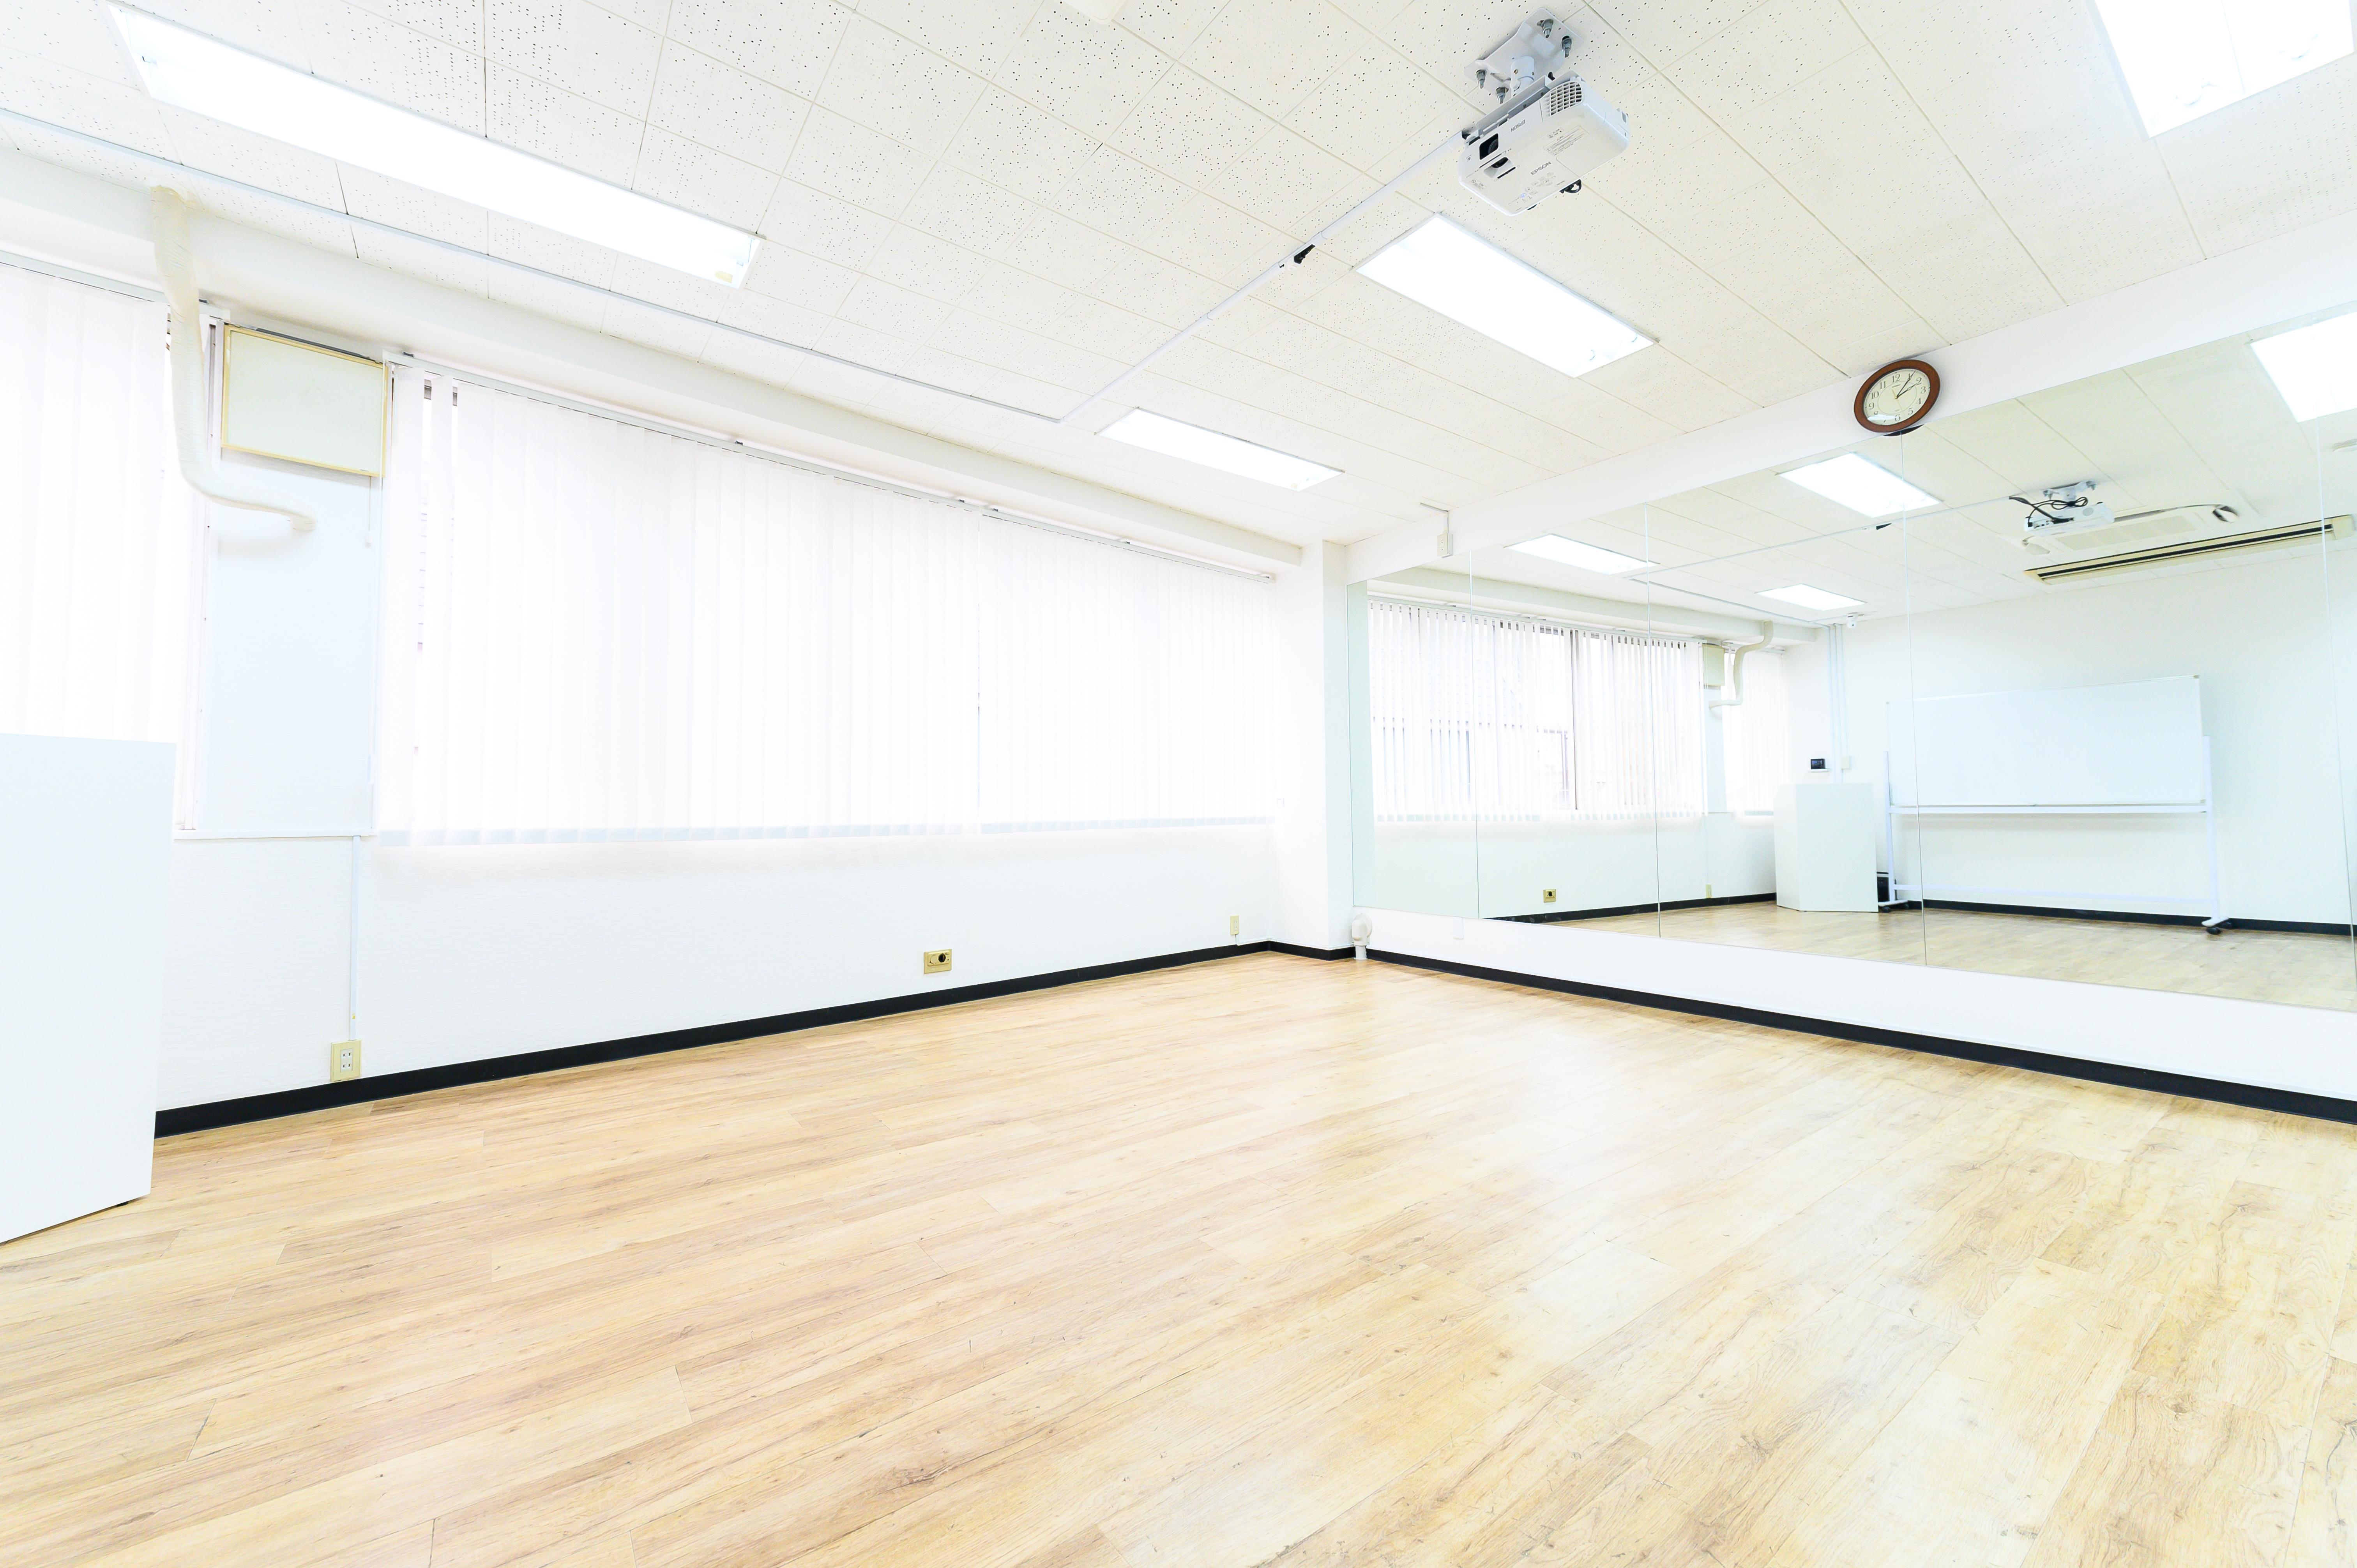 ワン・デイ・オフィス 第2会議室 会議室【ウォーキングレッスン】の室内の写真